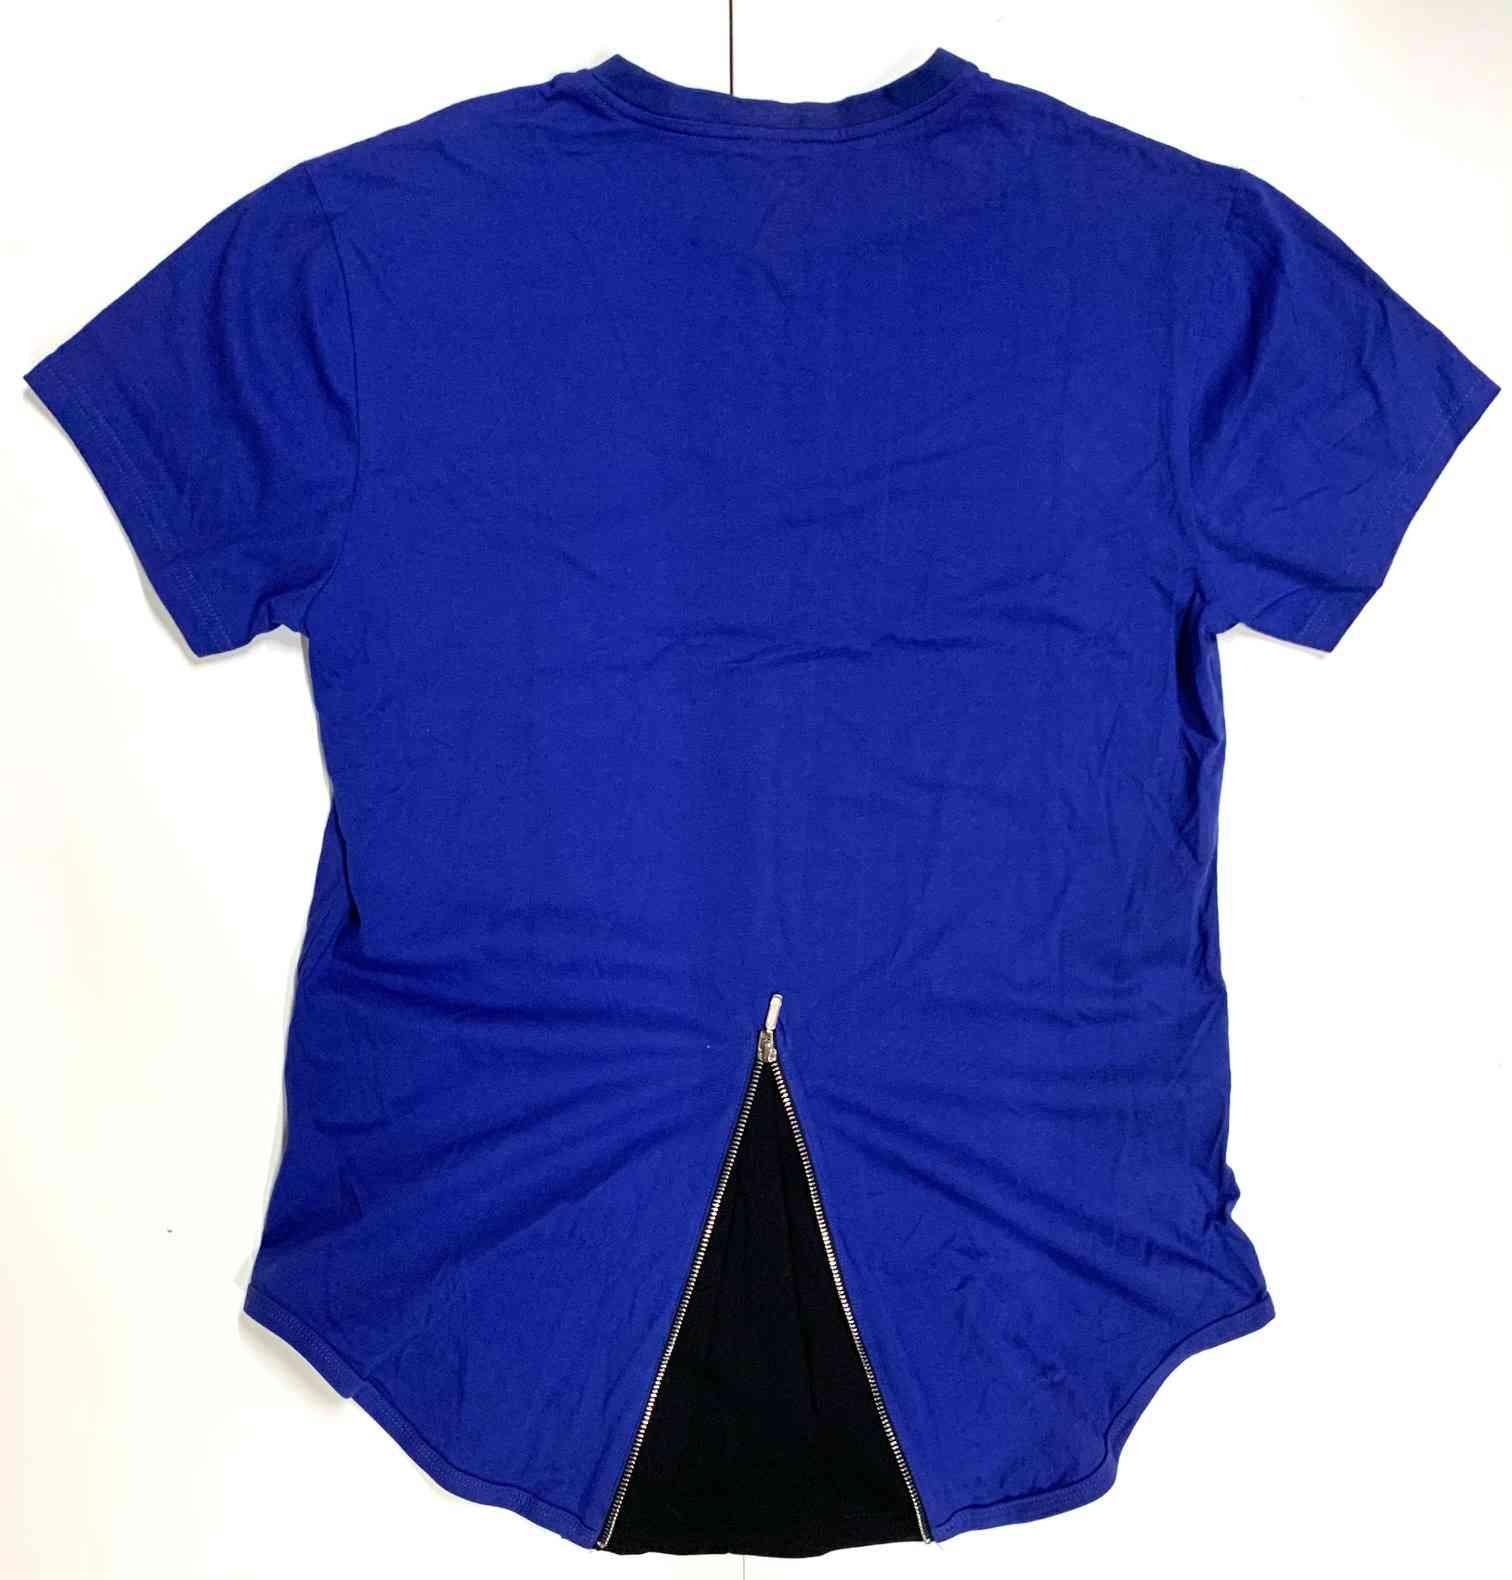 Женская футболка синего цвета с декоративной молнией на спине